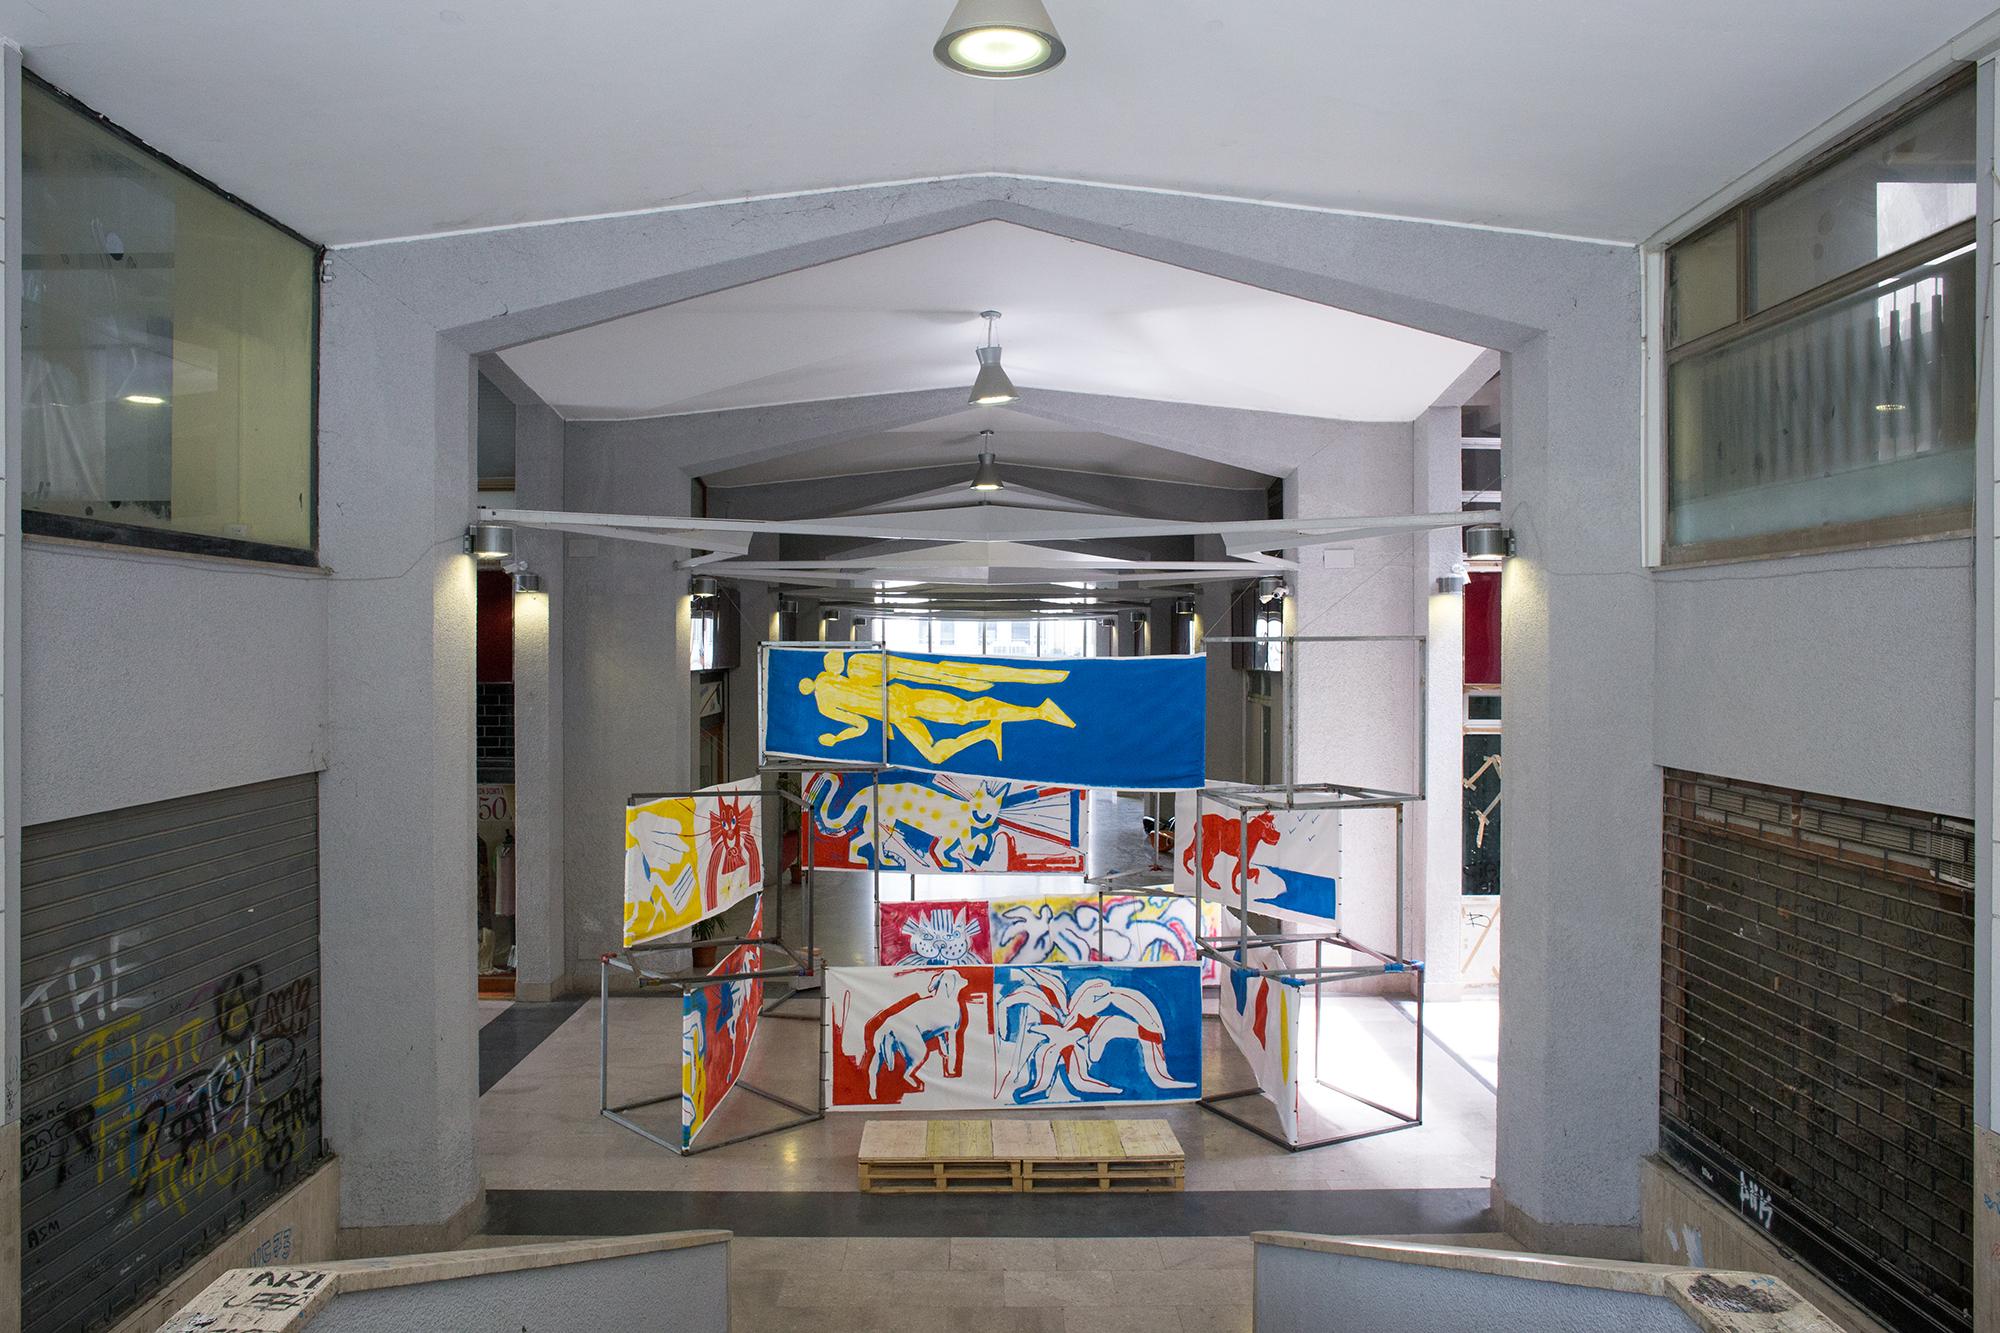 Altrove Festival: Centro Arte Contemporaneo